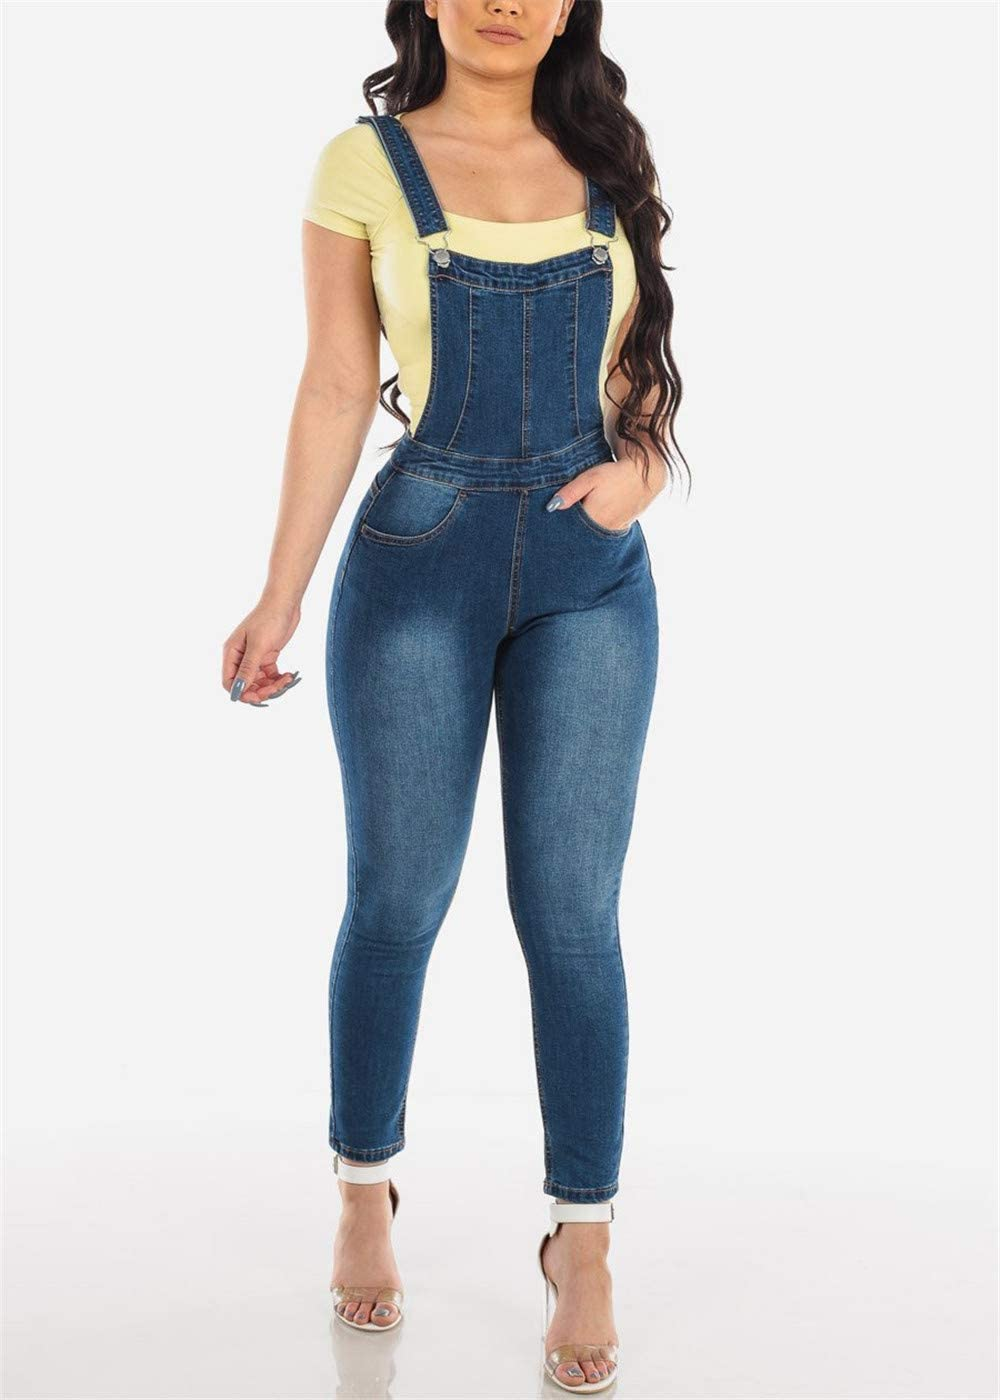 S,Blanc Morbuy Casual /Ét/é Trou Denim sans Manches Jumpsuit Poches Pantalon Playsuit Barboteuses Salopette Femme en Jeans Combinaison Courte